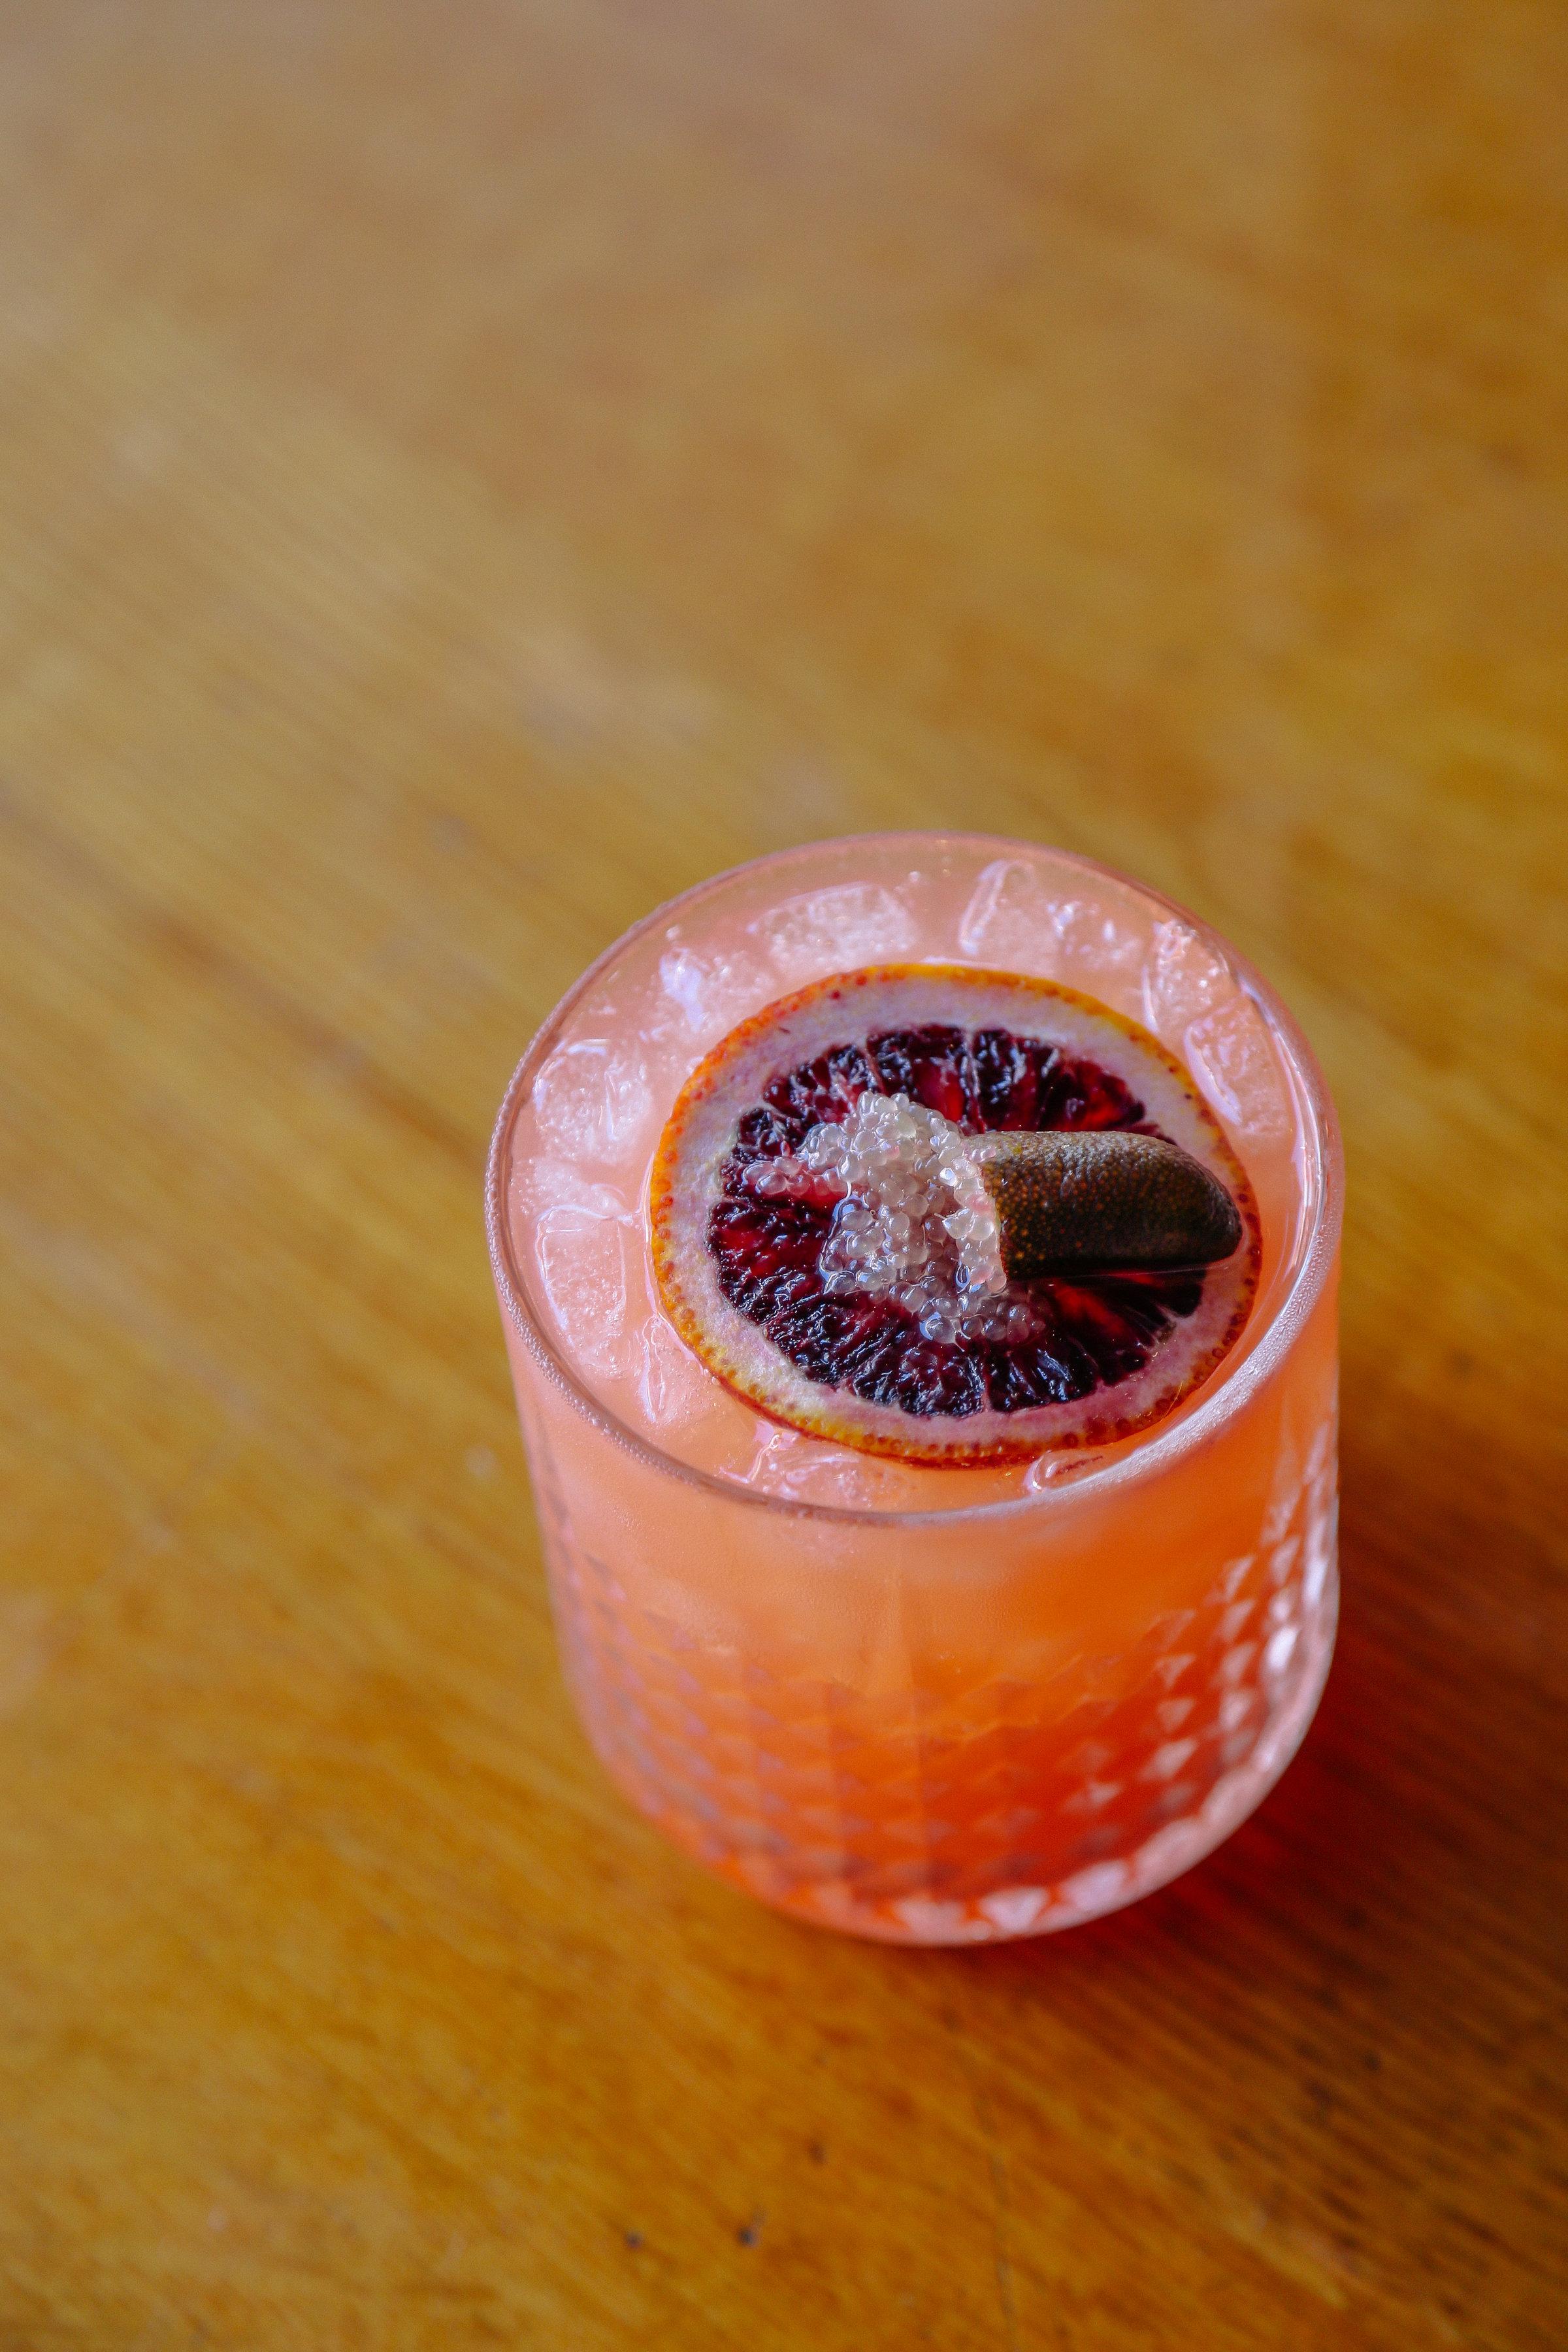 kendra-aronson-edible-slo-finger-limes-73.jpg